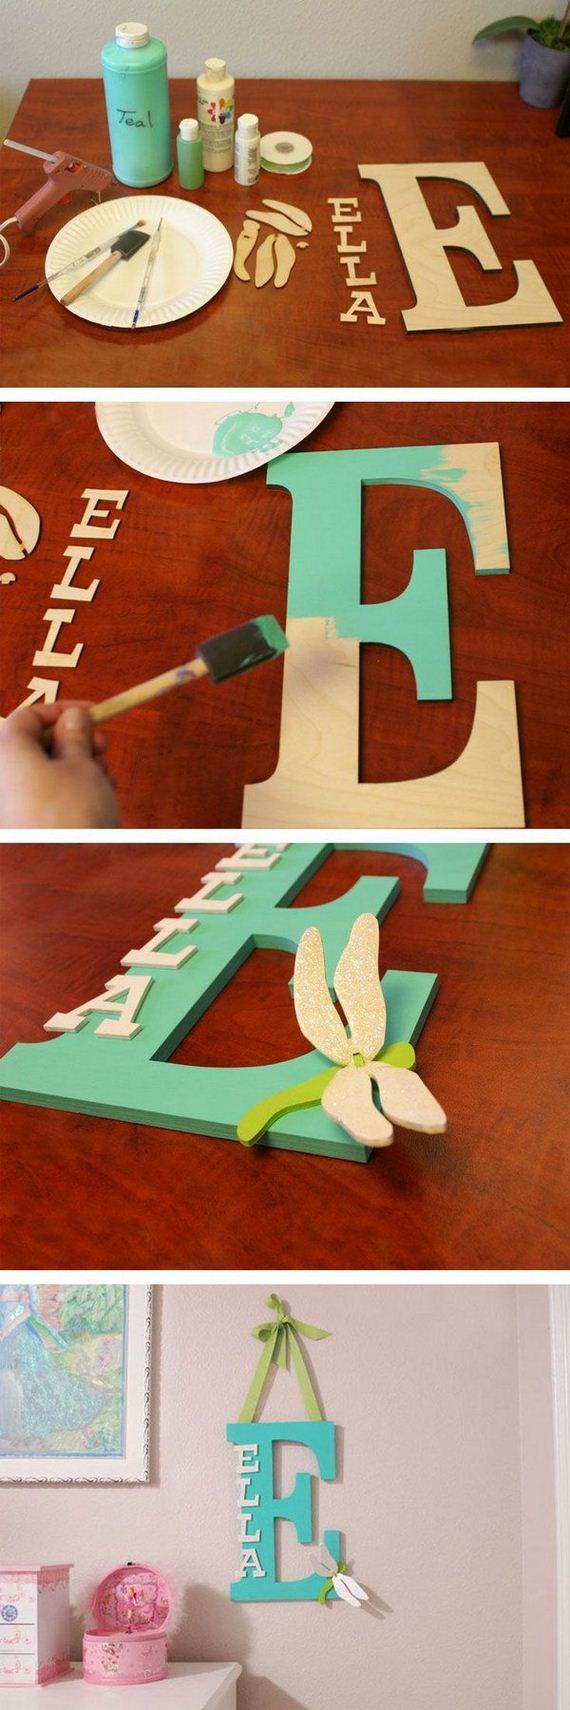 03-diy-letter-ideas-tutorials